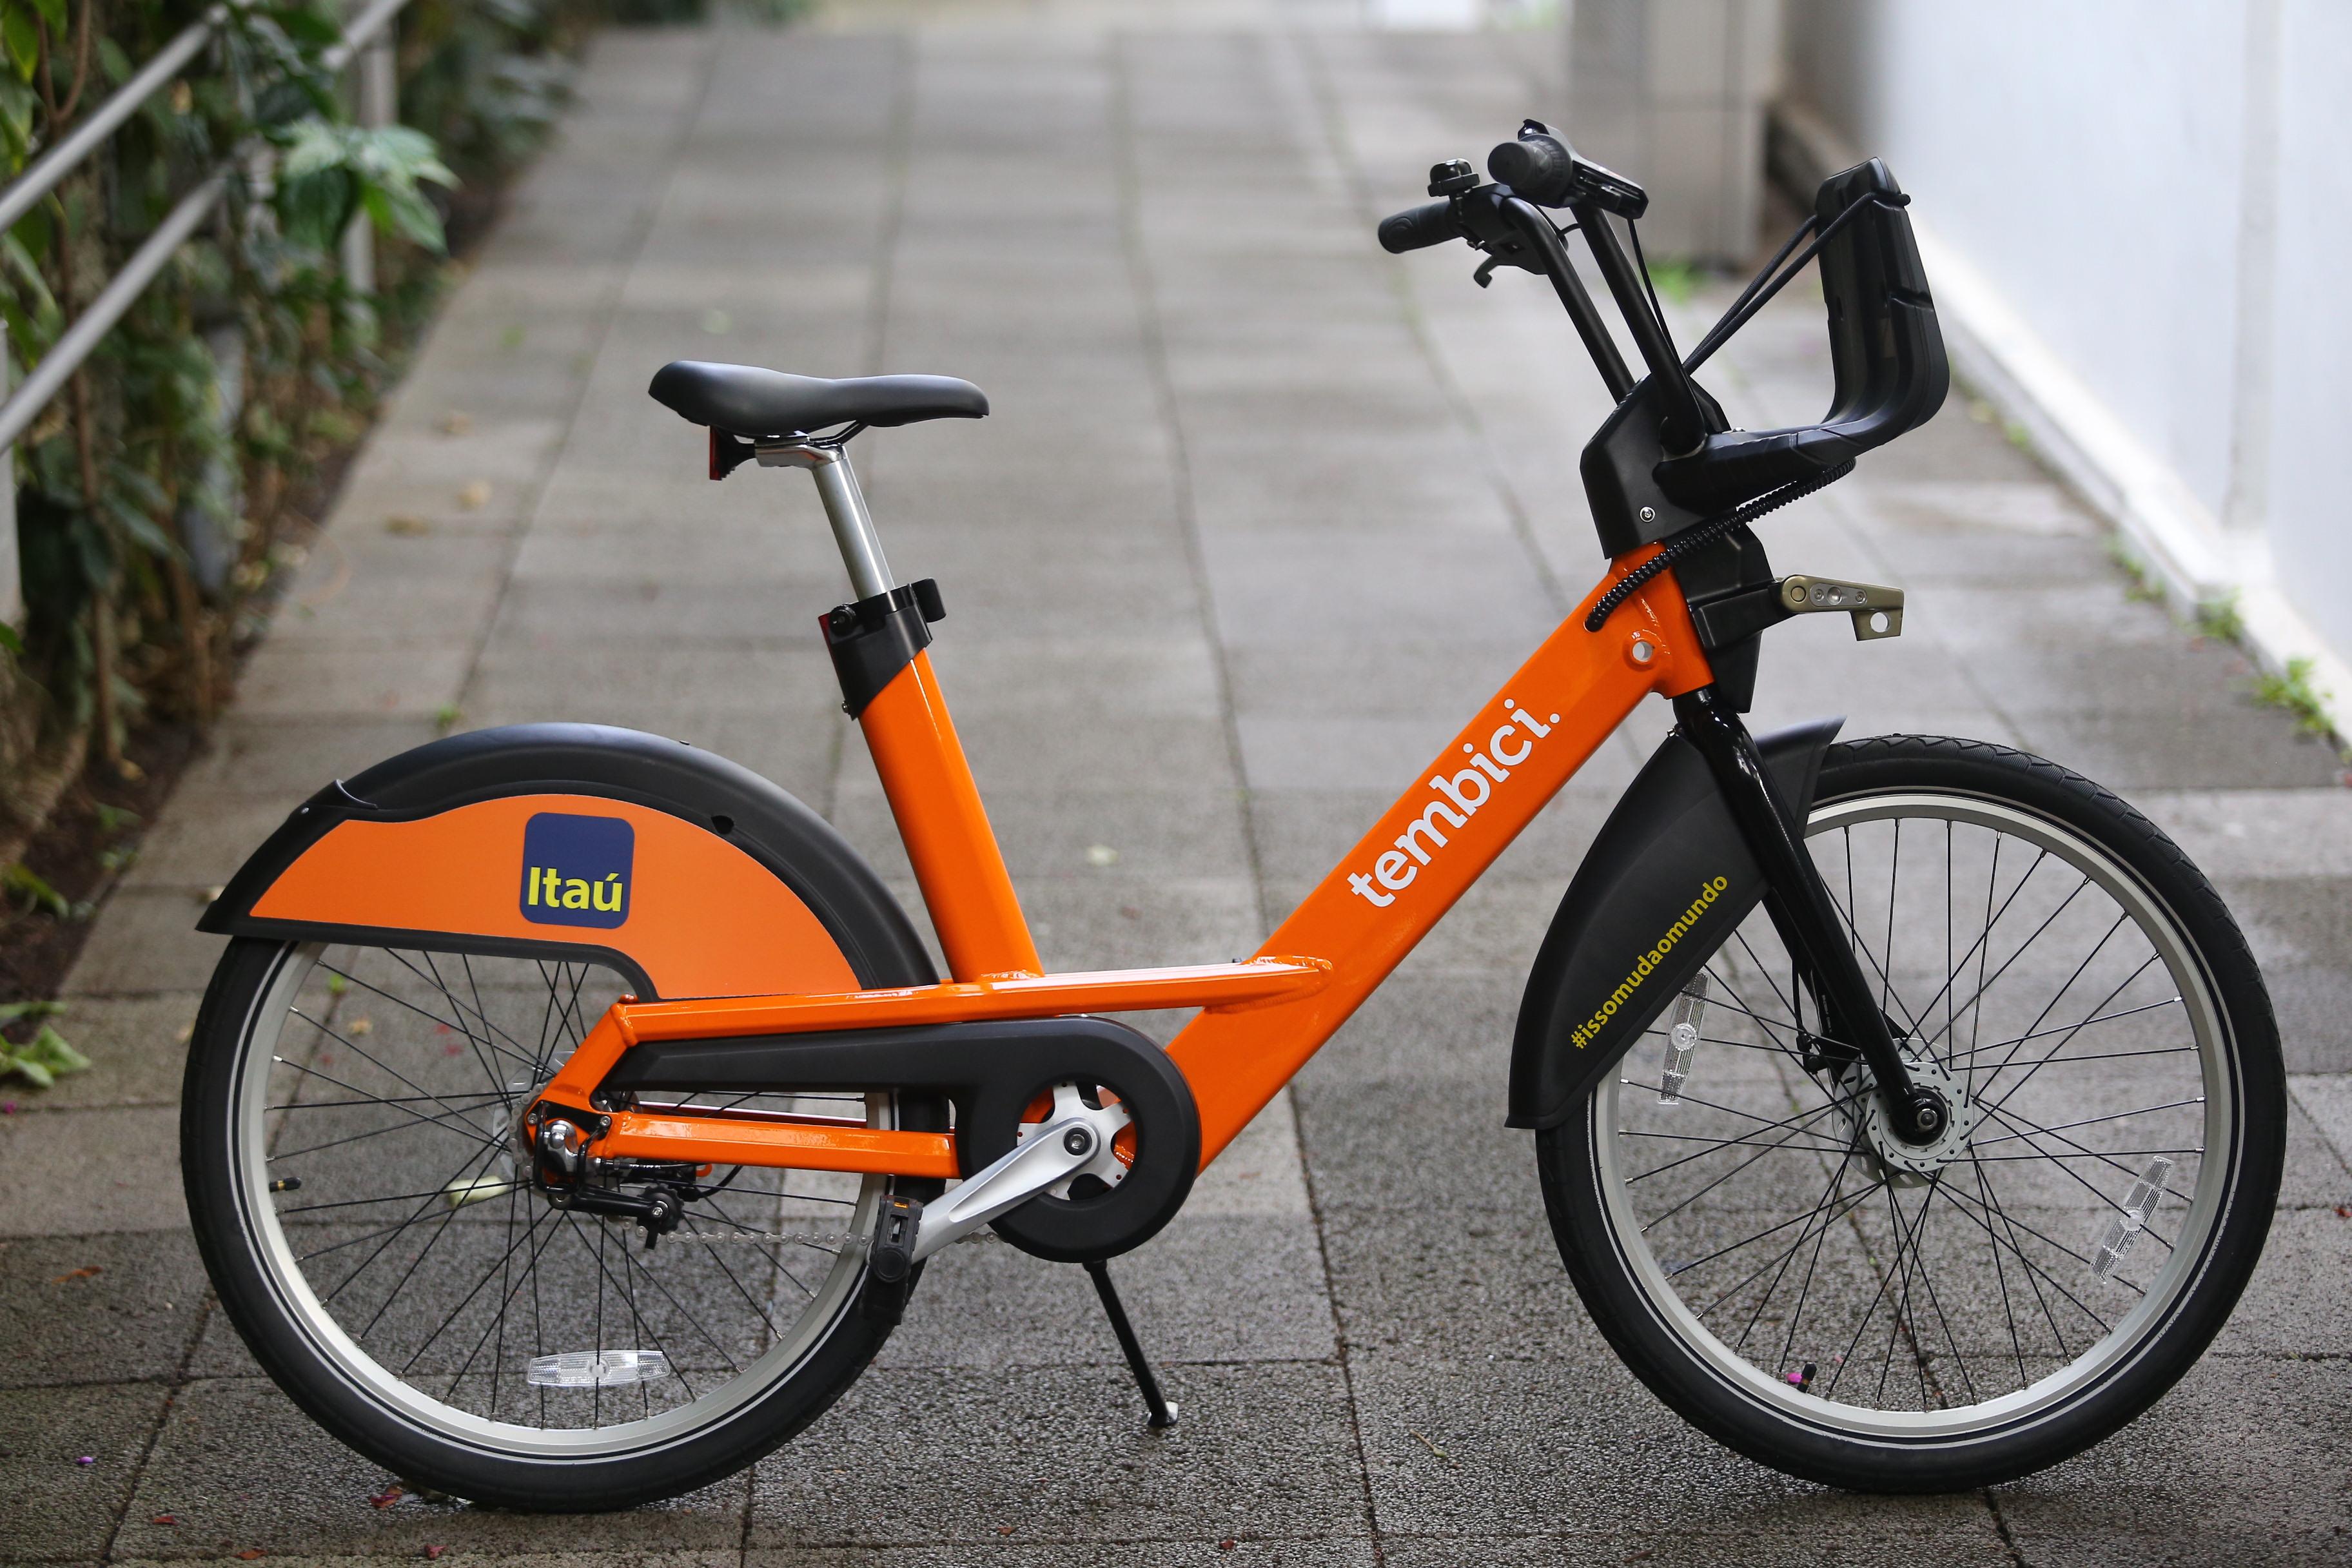 Projeto compartilhamento bikes Itaú - Crédito SM2 Fotografia - 1